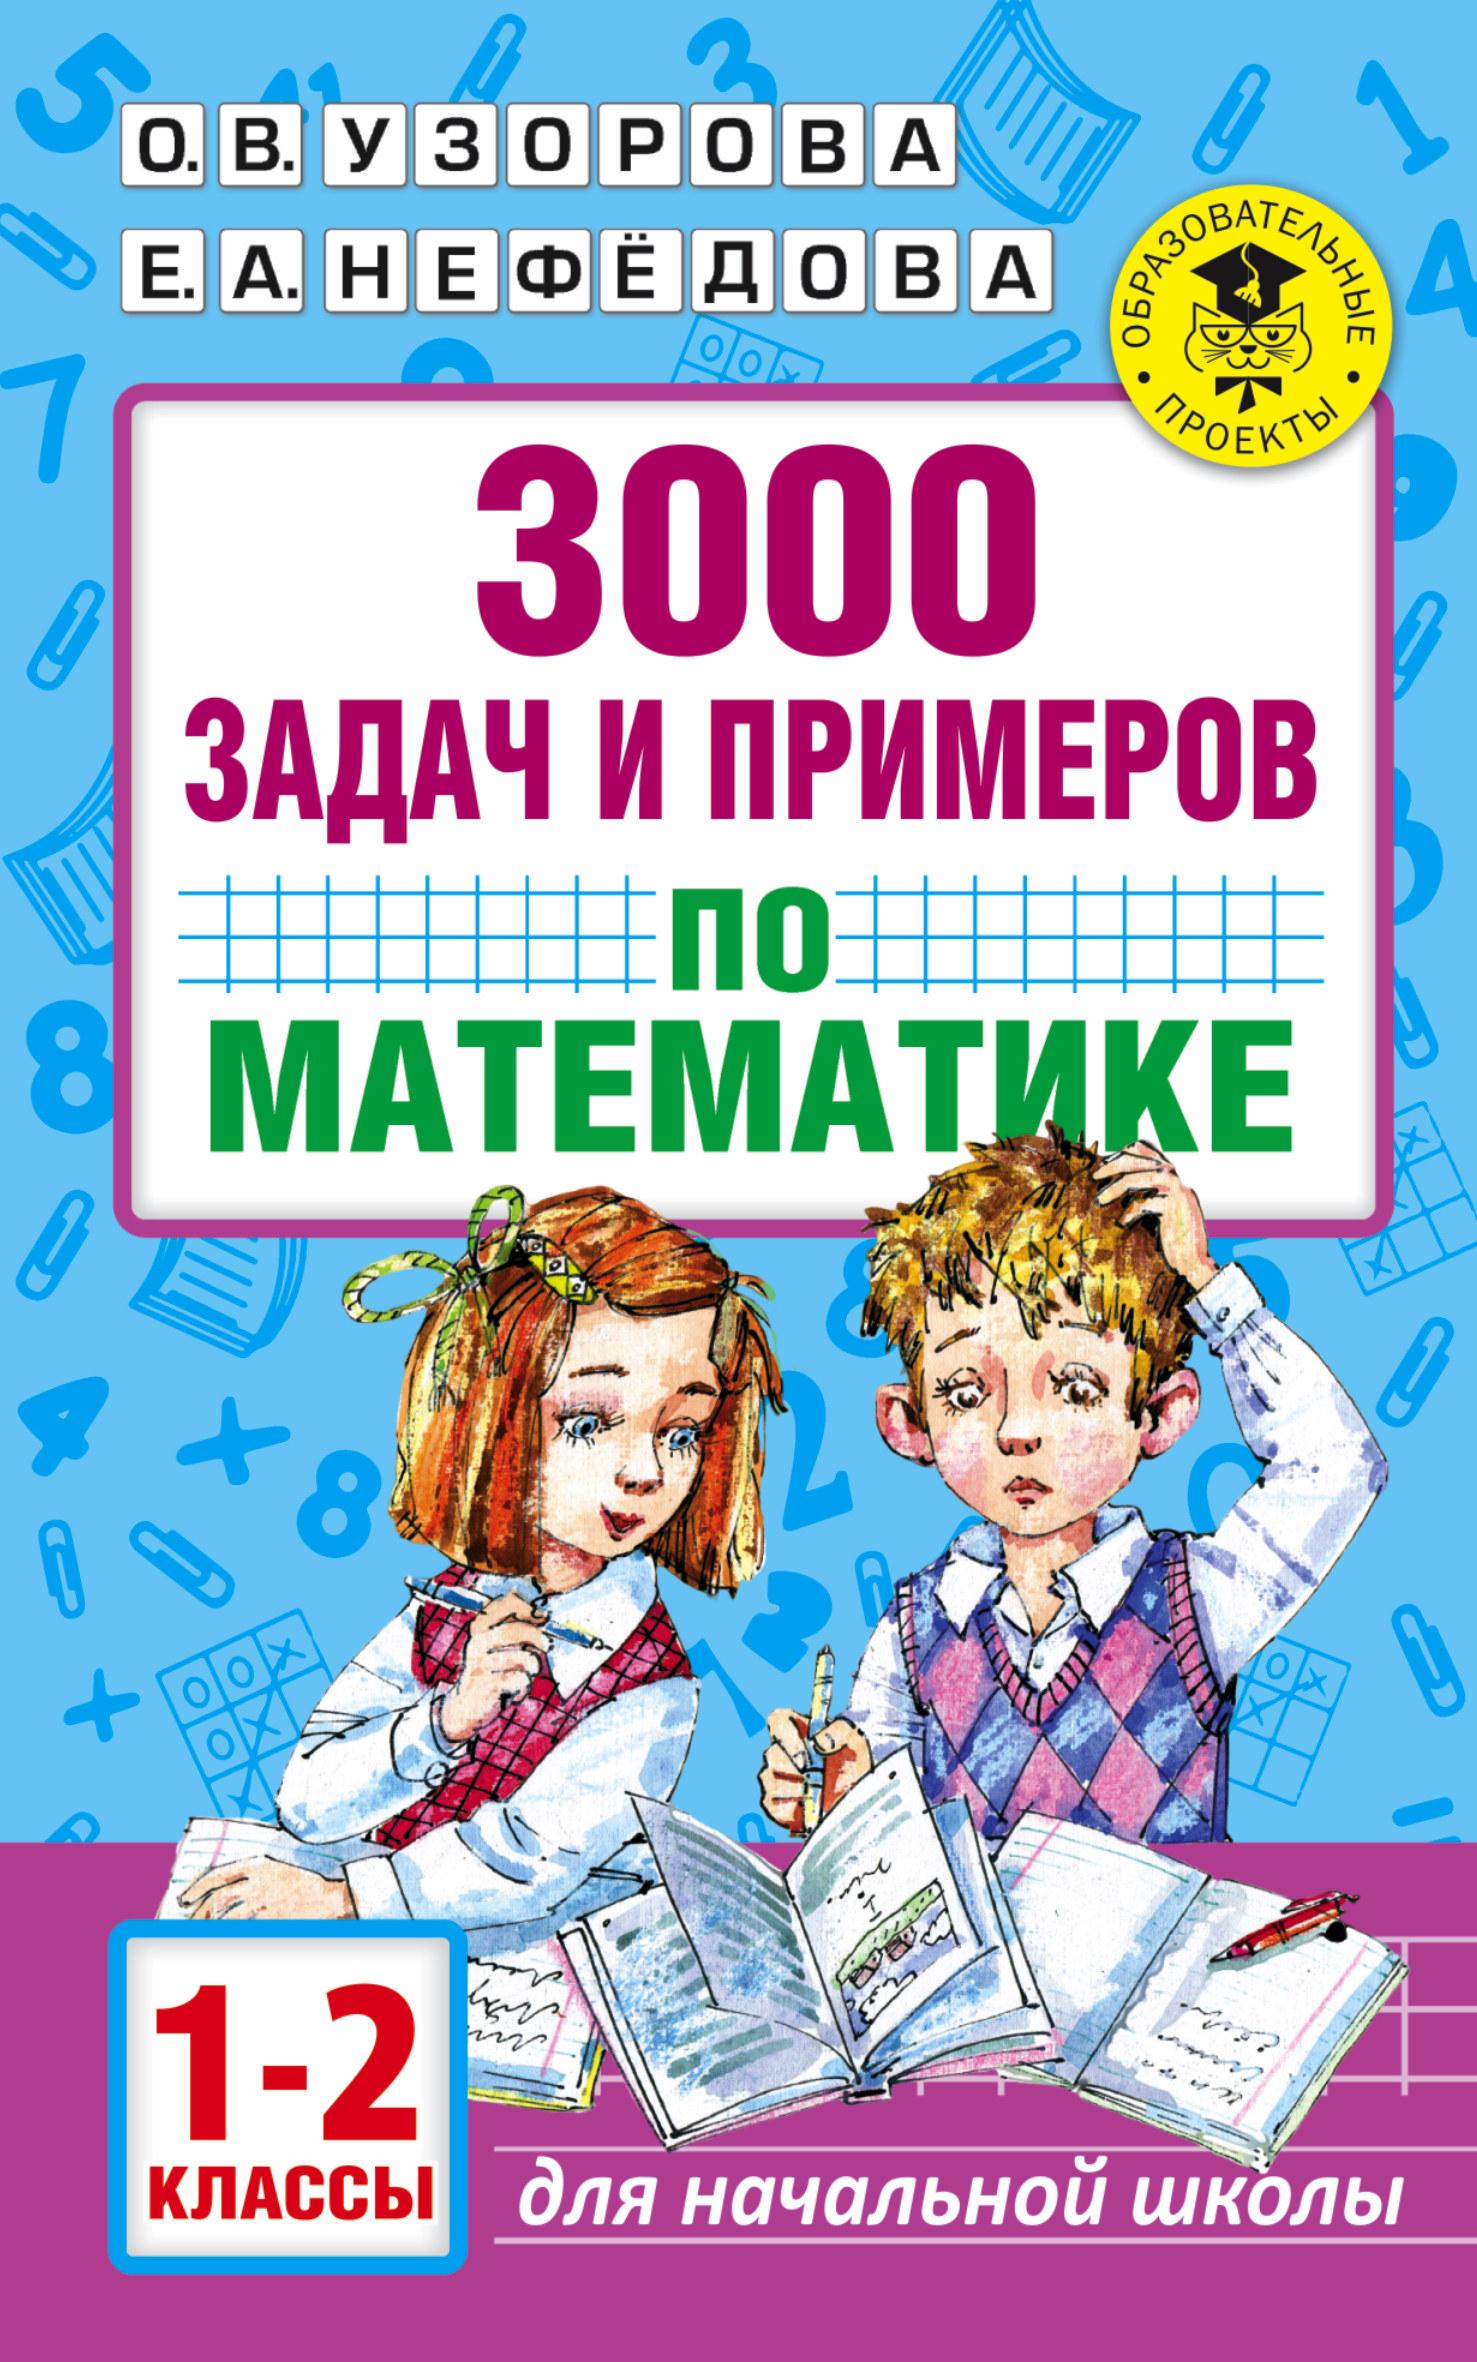 Узорова О.В. 3000 задач и примеров по математике. 1-2 классы узорова ольга васильевна нефёдова елена алексеевна 3000 задач и примеров по математике 1 2 классы